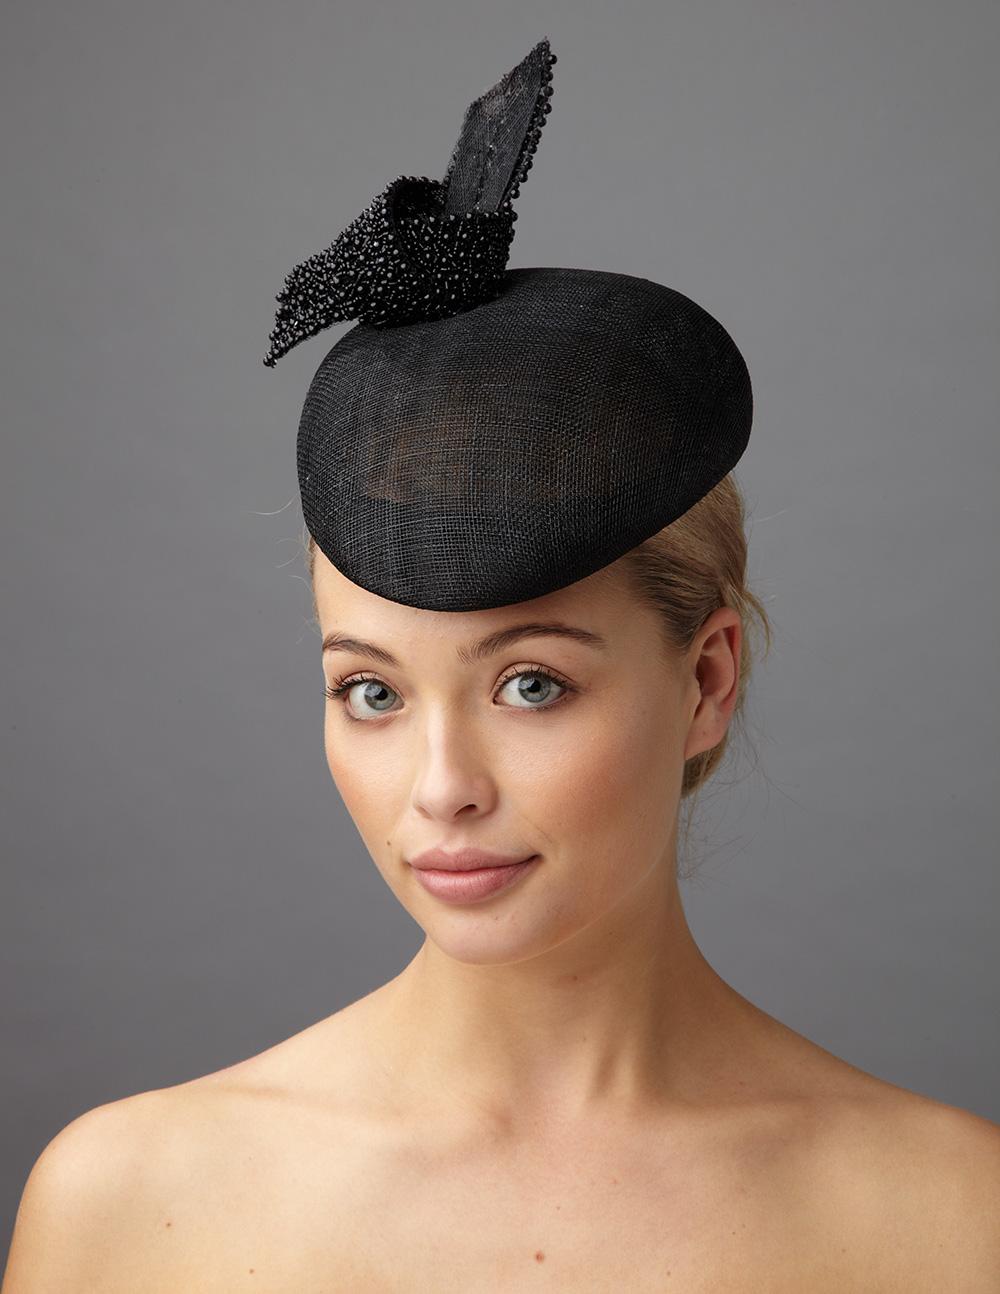 Oberon Pillbox hat by Hostie hats